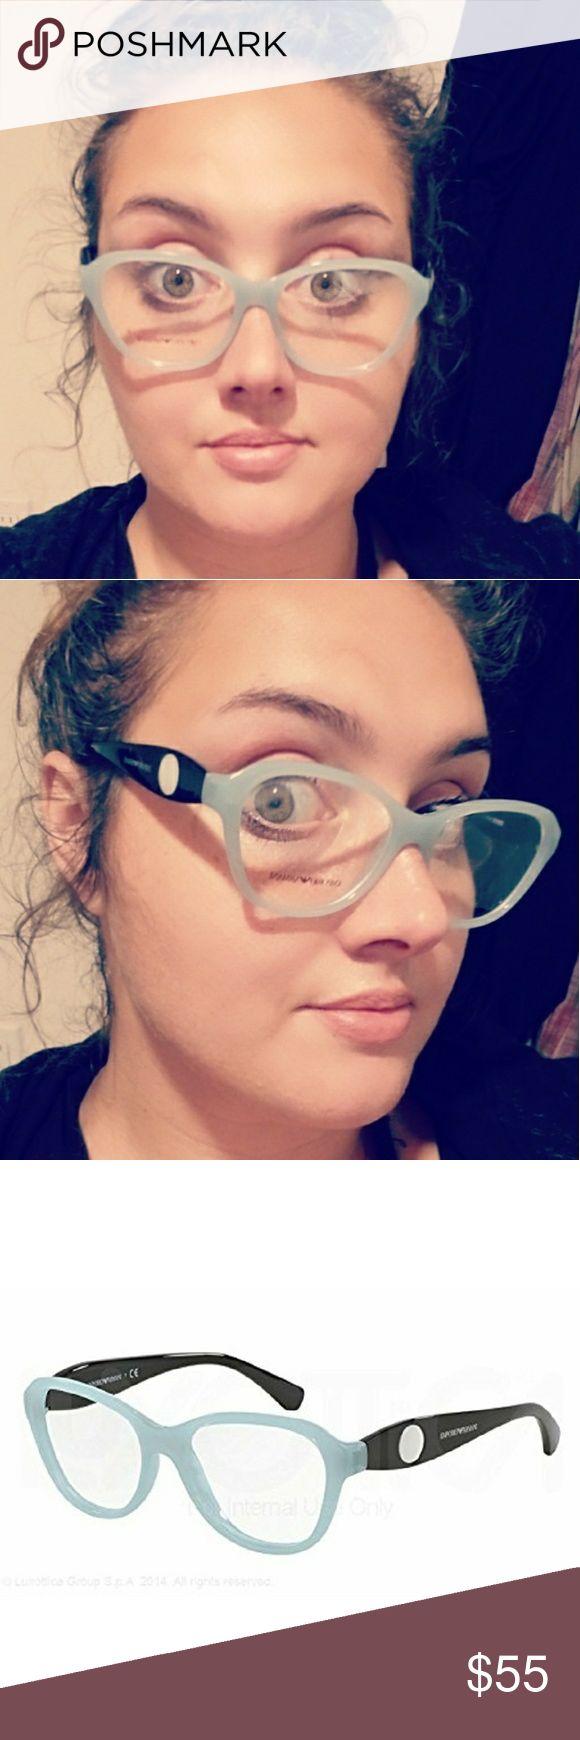 👓Emporio Armani Designer frames👓 EA3047 Emporio Armani Black and powder blue frames !  5328 54□16 140  Bundle 2 or more items & Save 15%  Fast shipper / top rated seller  💪🌻❤ Pretty~Vibe~Finds . Emporio Armani Accessories Glasses